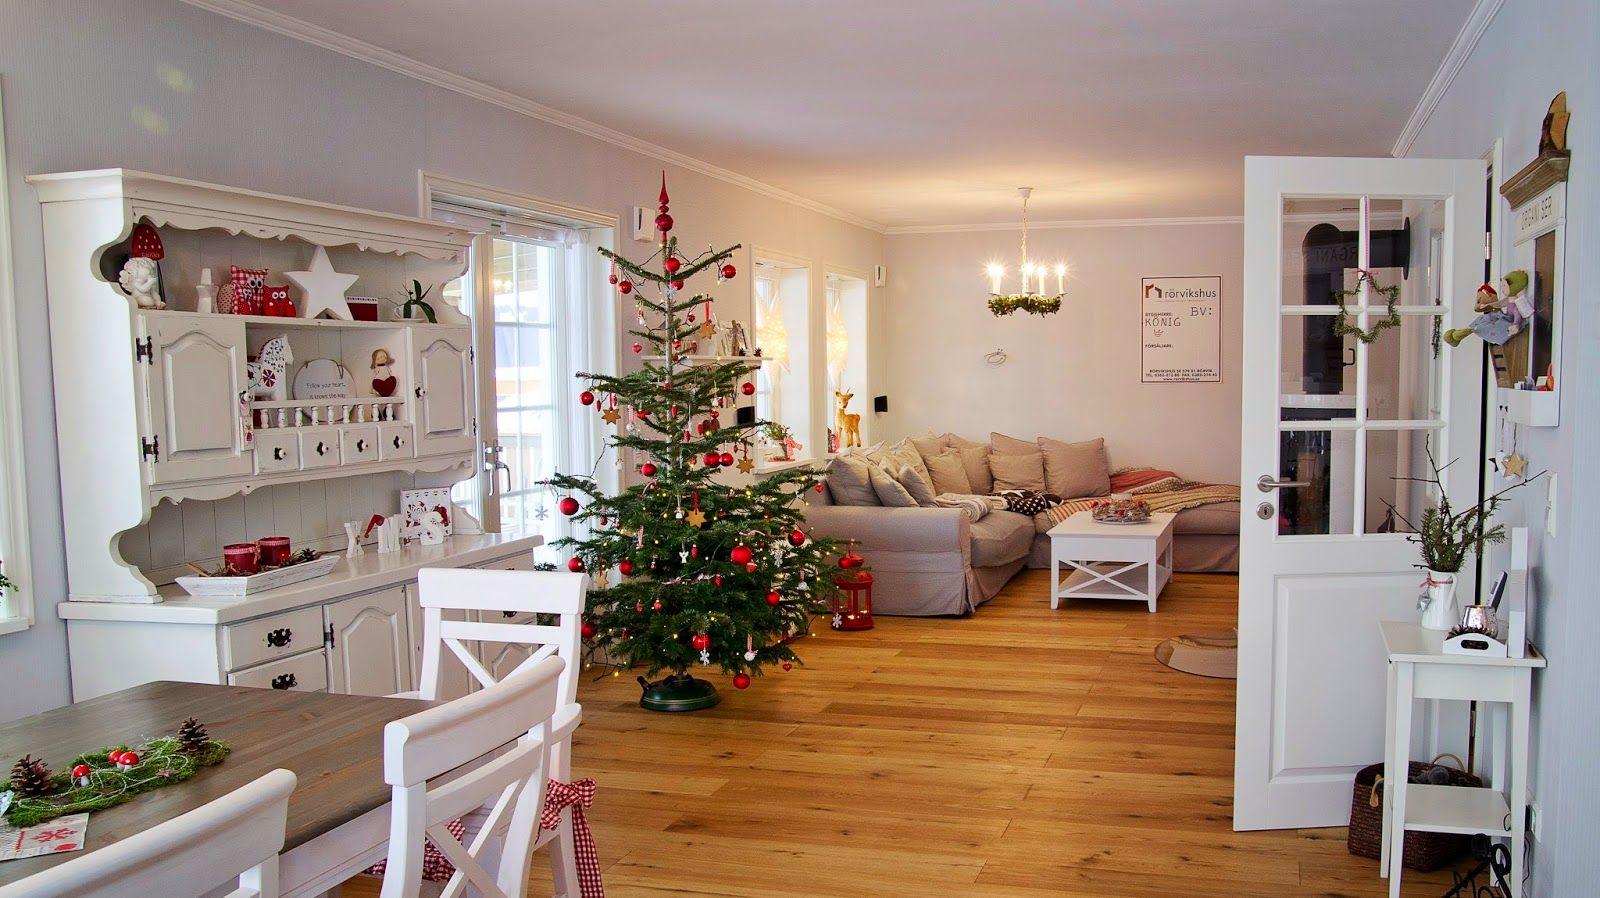 kleine lotta unser schwedenhaus red christmas pinterest schwedenhaus wohnzimmer und wohnen. Black Bedroom Furniture Sets. Home Design Ideas